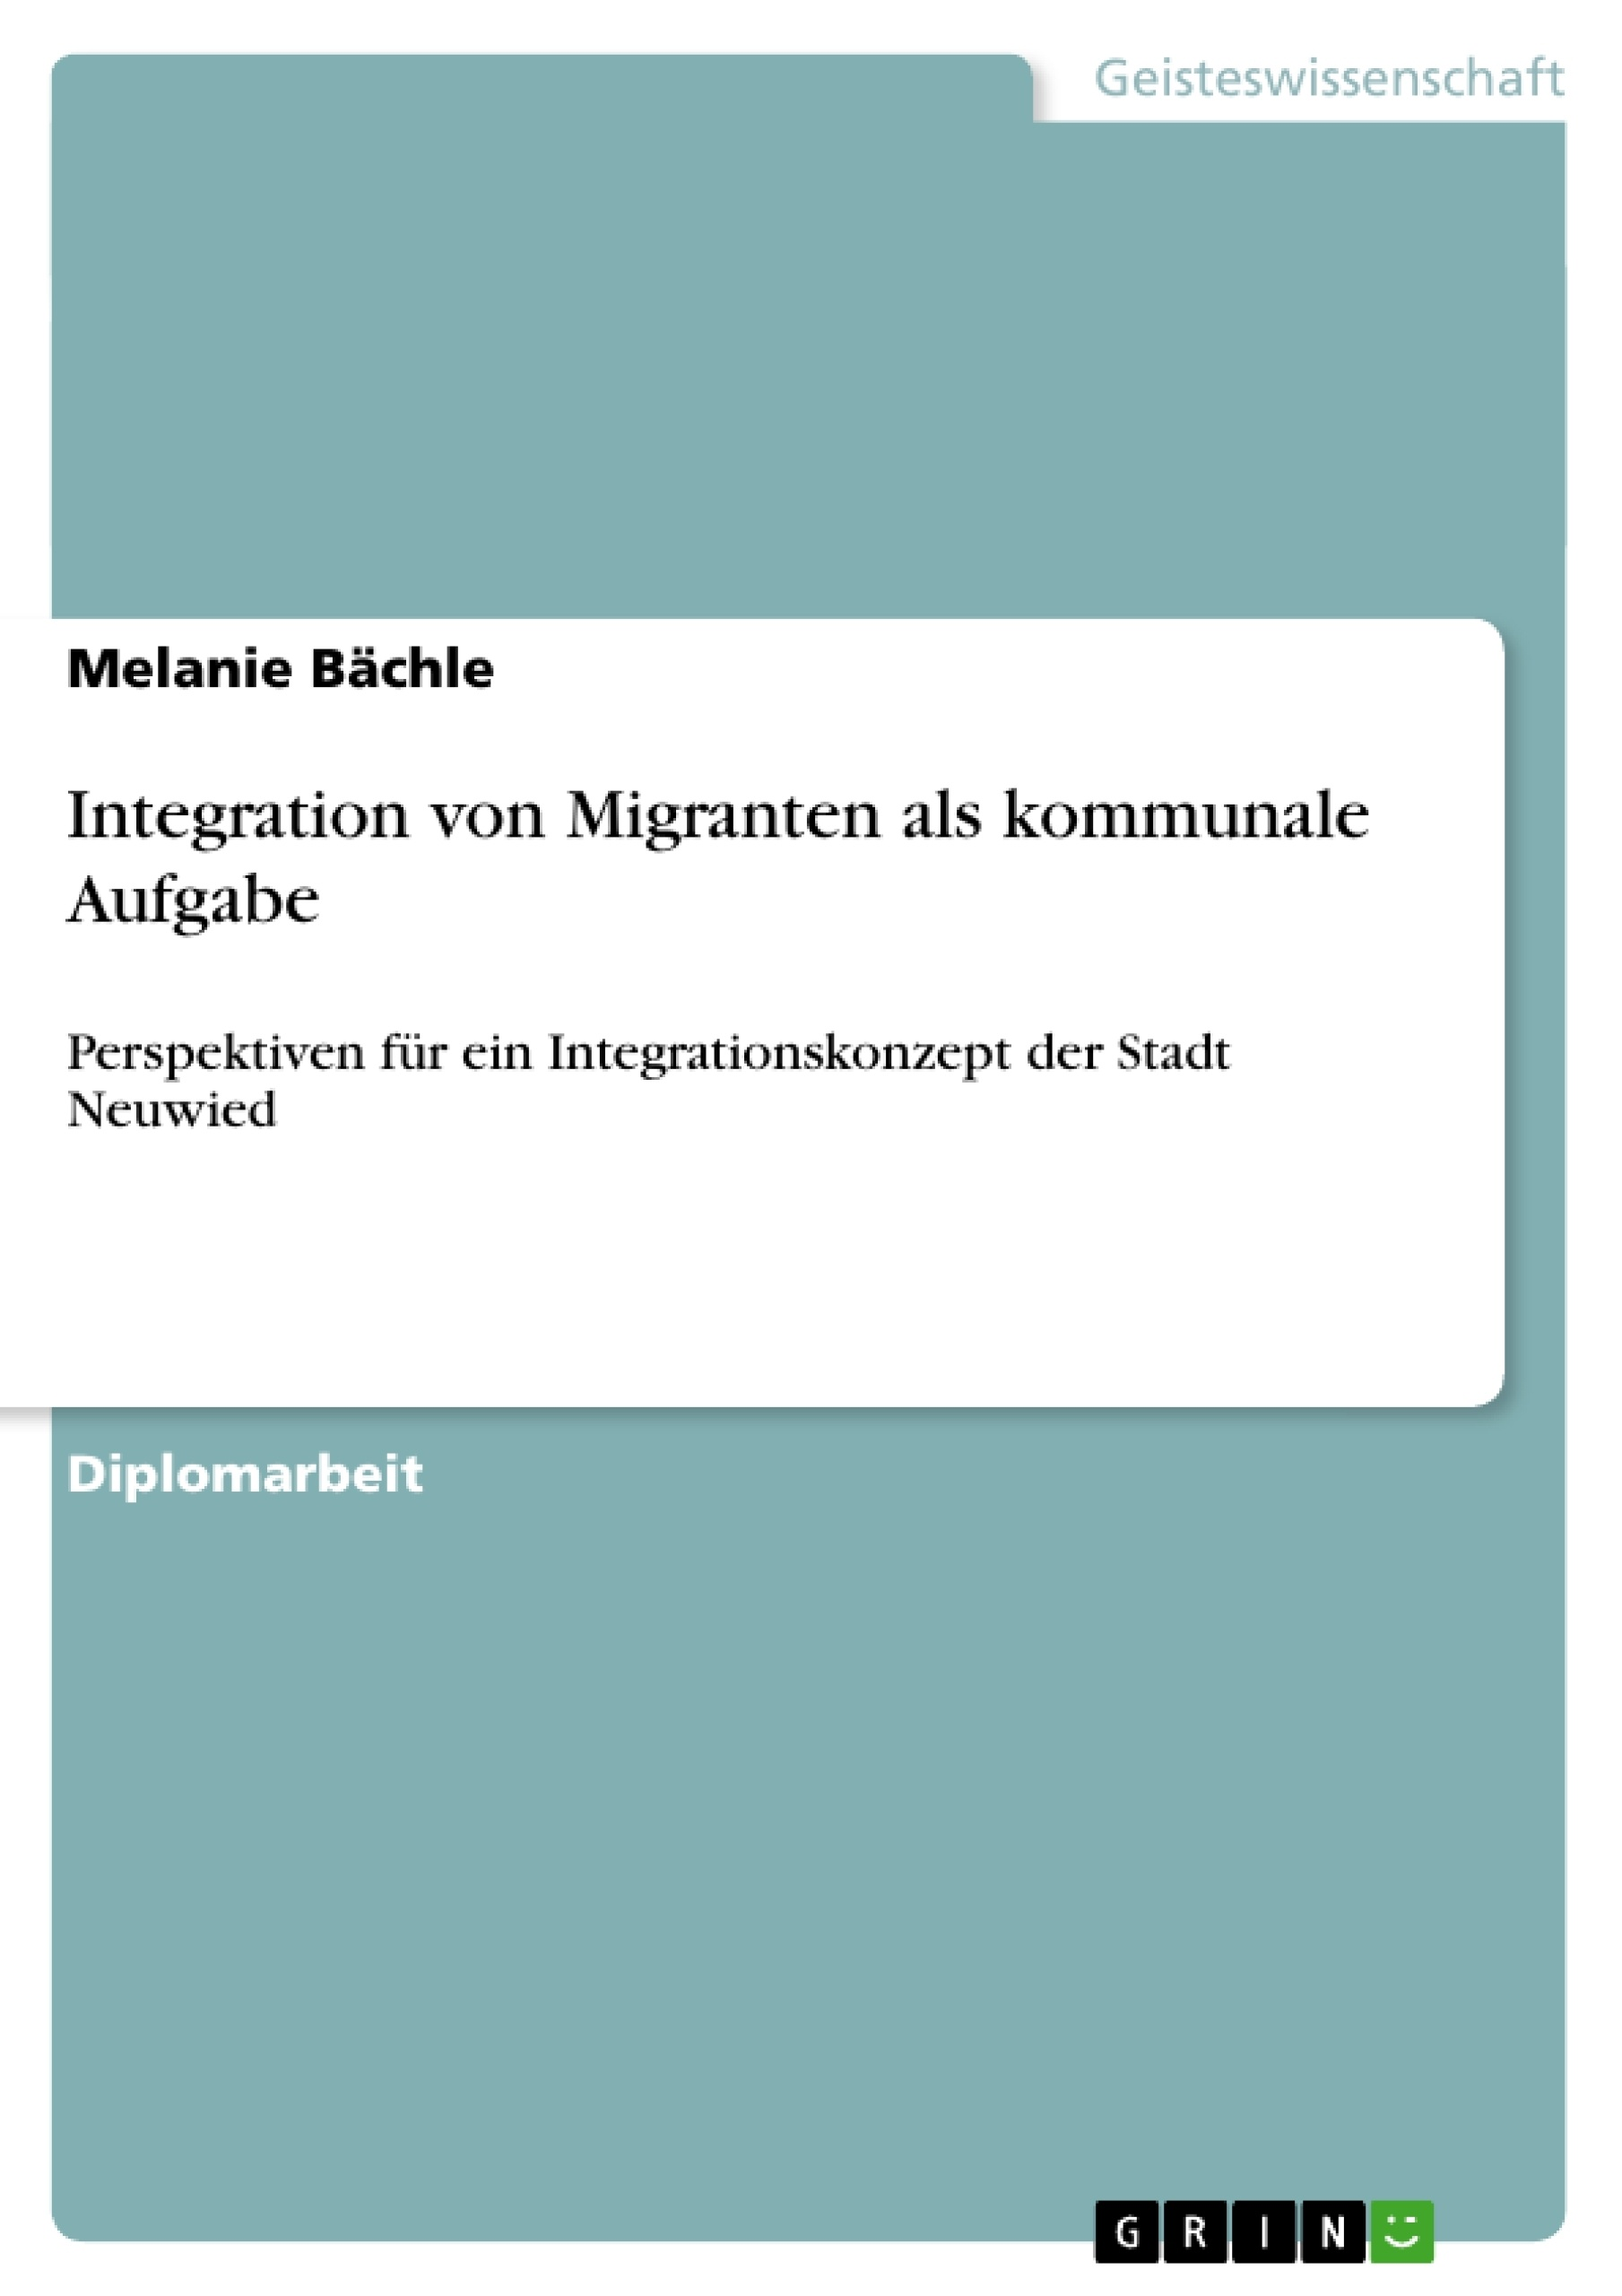 Titel: Integration von Migranten als kommunale Aufgabe